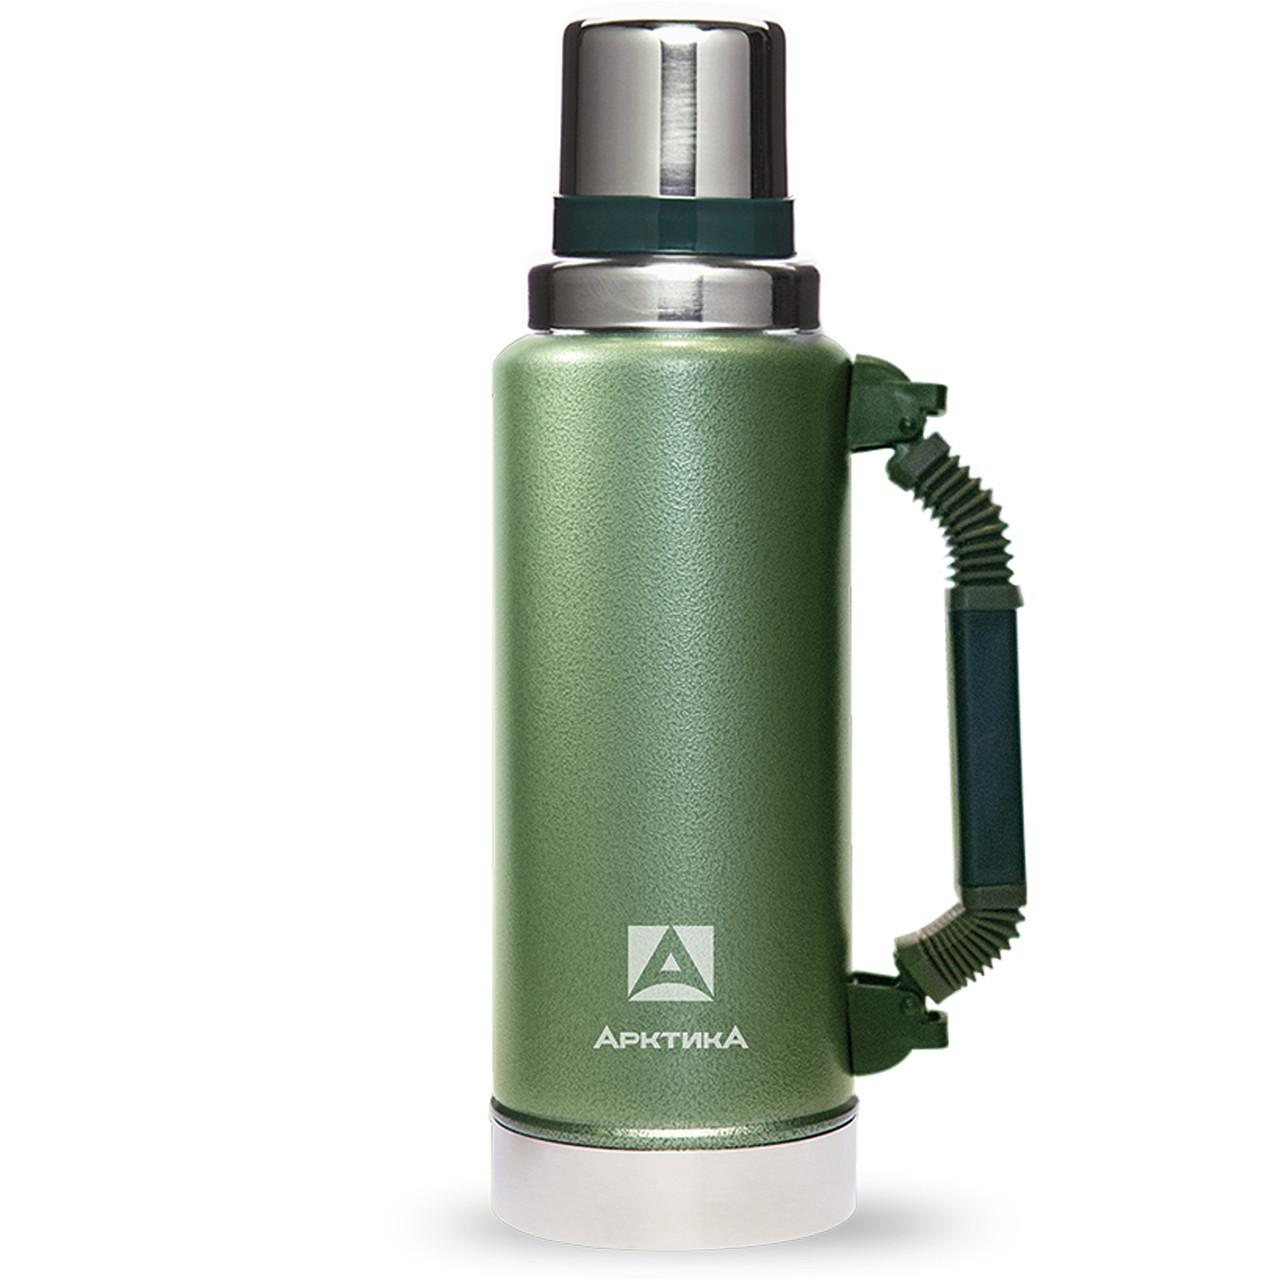 Термос Арктика ударостійкий 1.25 л Уазик з ручкою зелений ( термокружка, термобутылка для чаю і води)